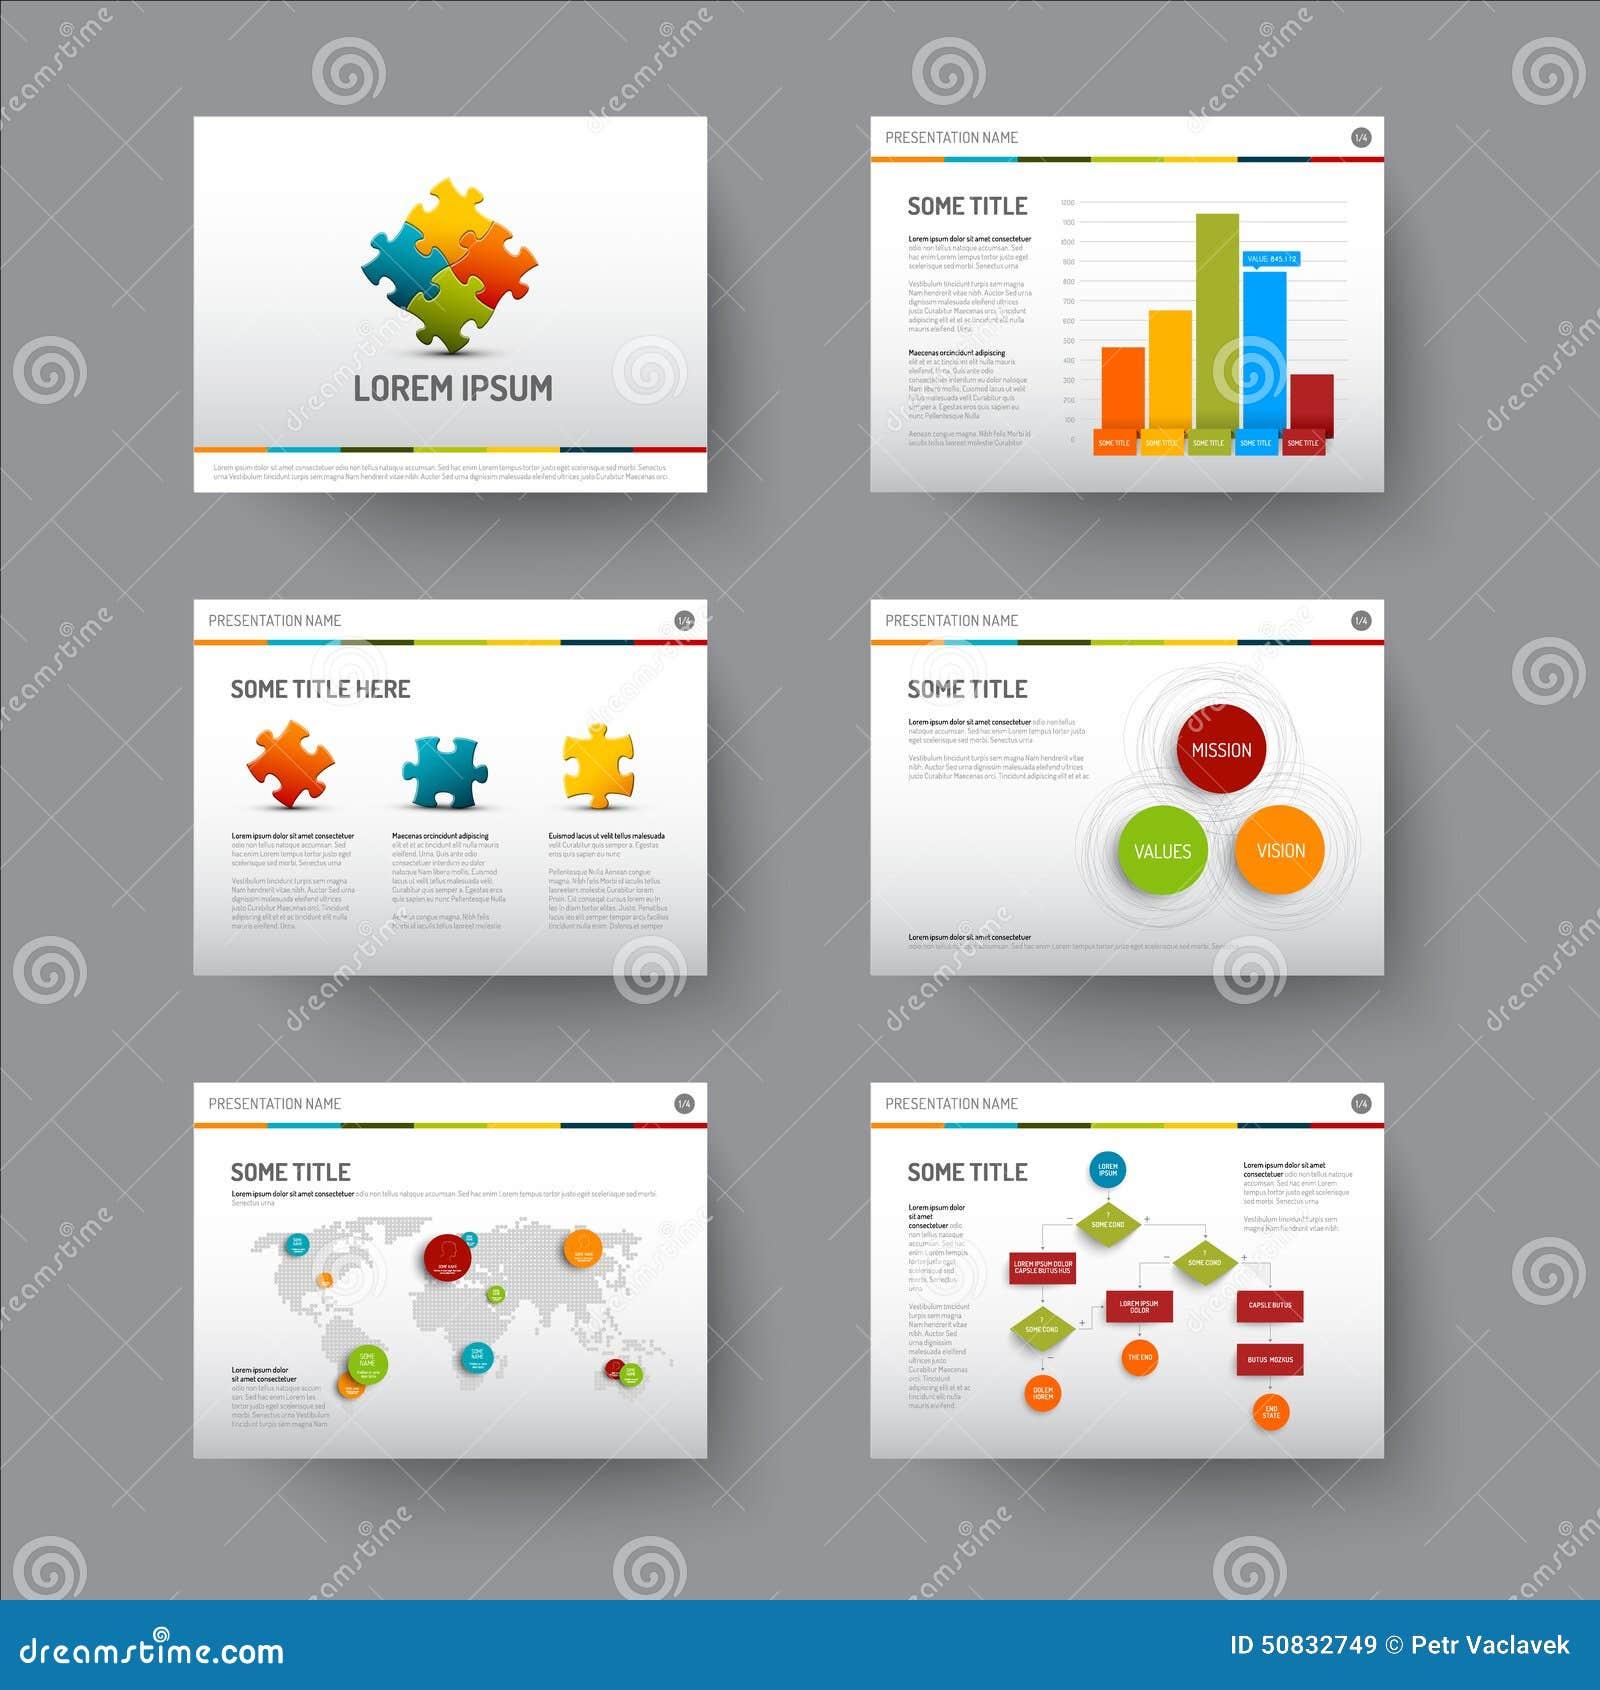 Vector Template Presentation Slides Background Design.info Graphs ...